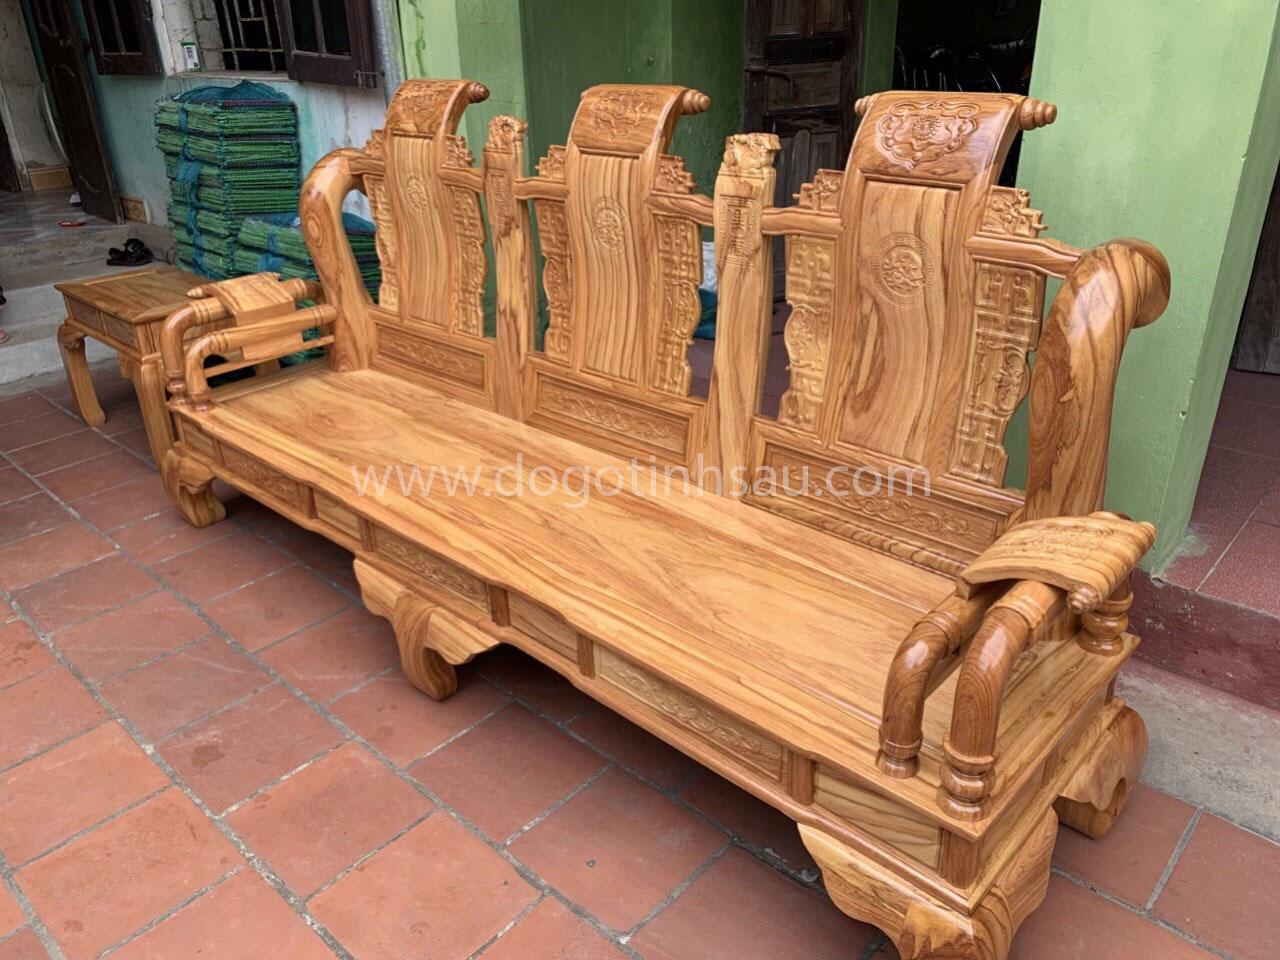 ghe tan - Bộ bàn ghế Tần Thủy Hoàng tay 12 gỗ gõ đỏ